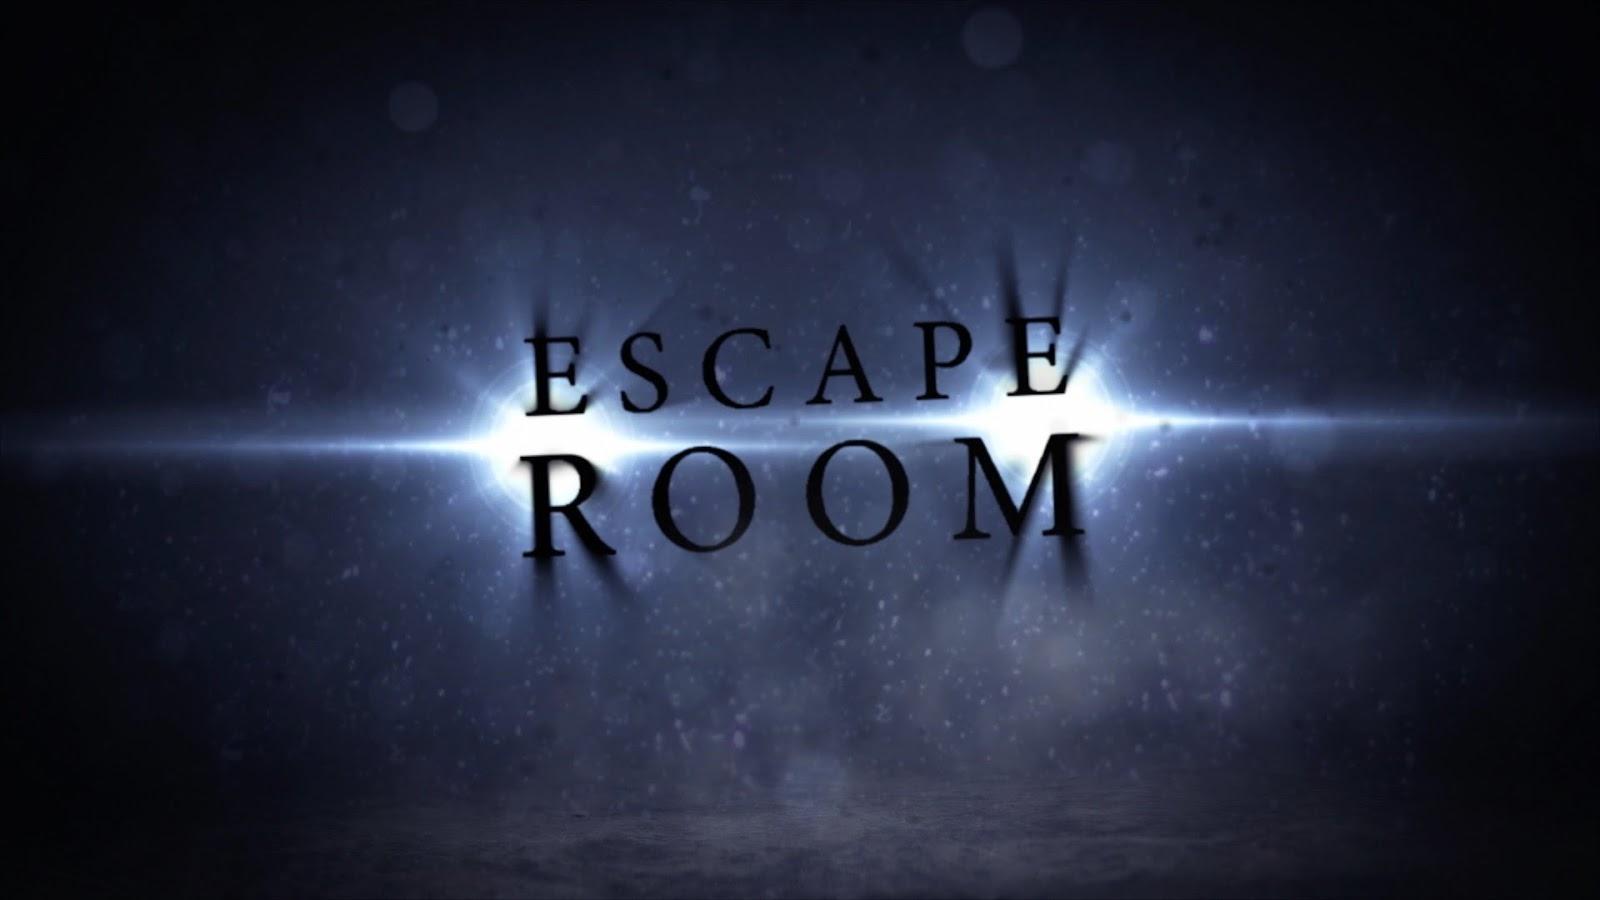 U Scape Room Juego